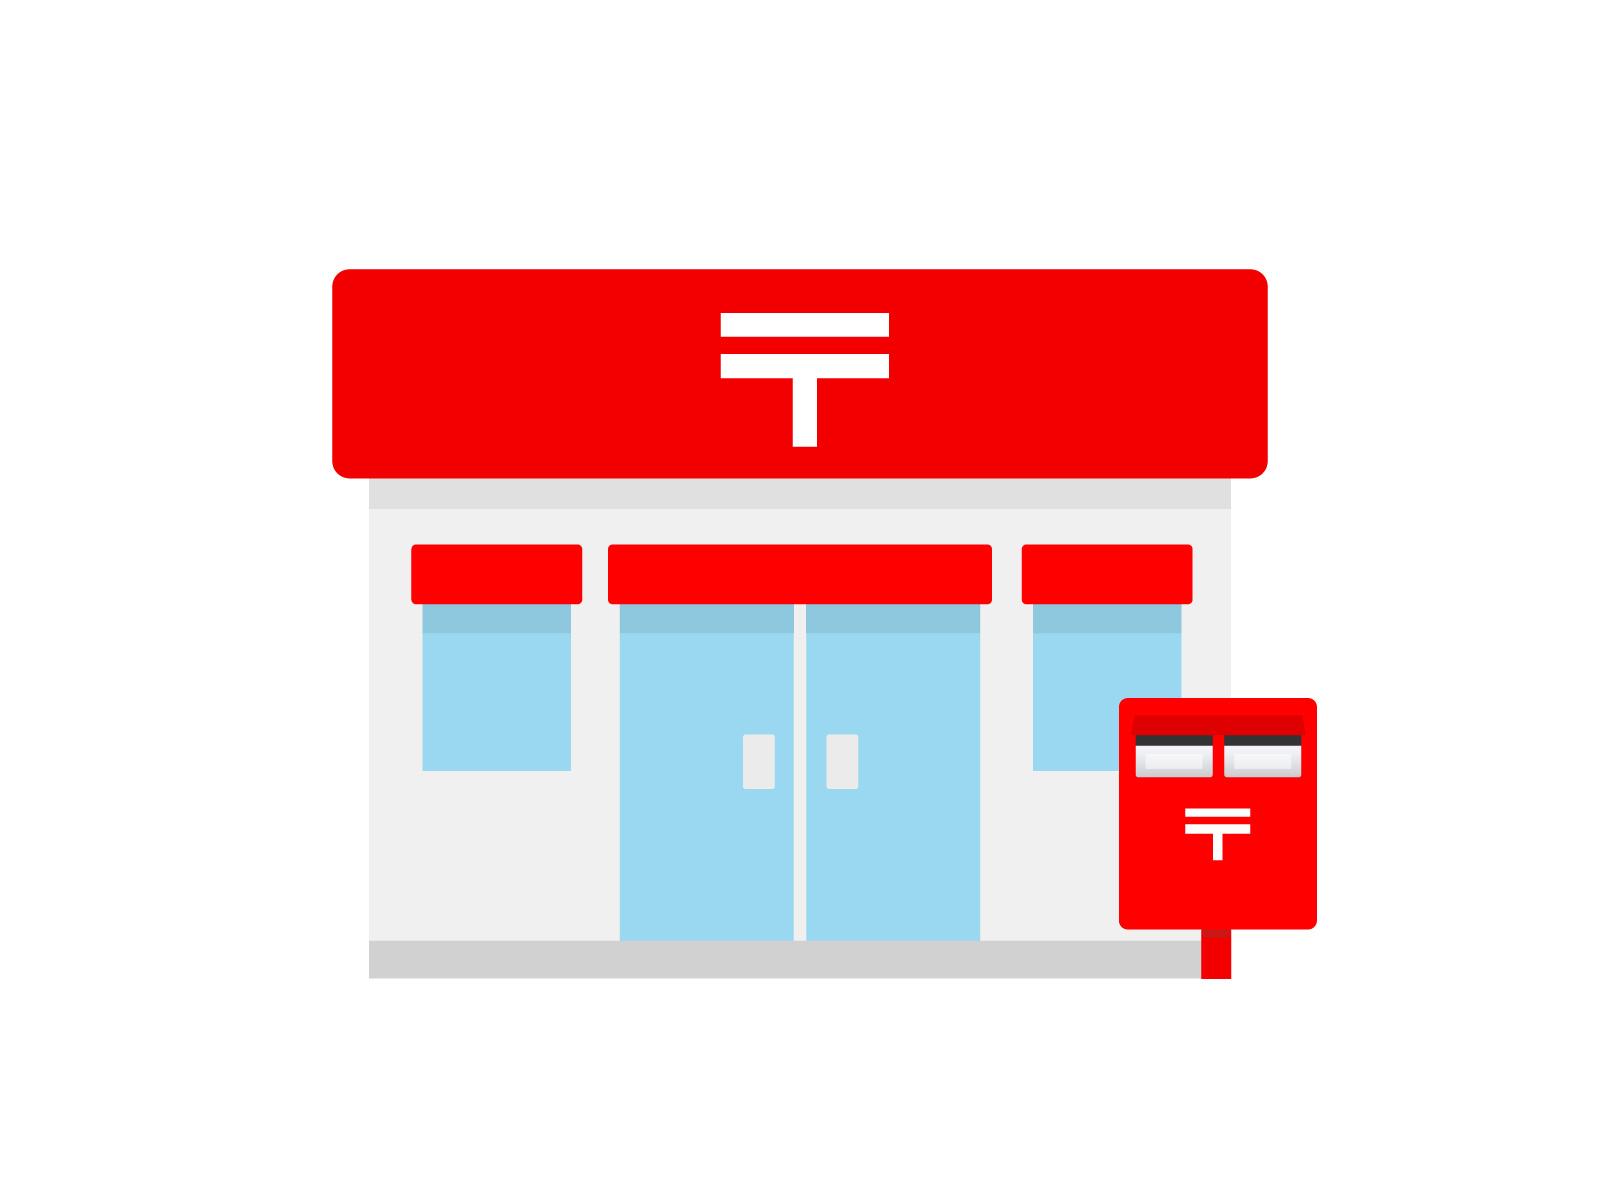 郵便局の年末年始配達/営業は?ATM/集荷/集配/振込/ポスト回収とゆうゆう窓口について